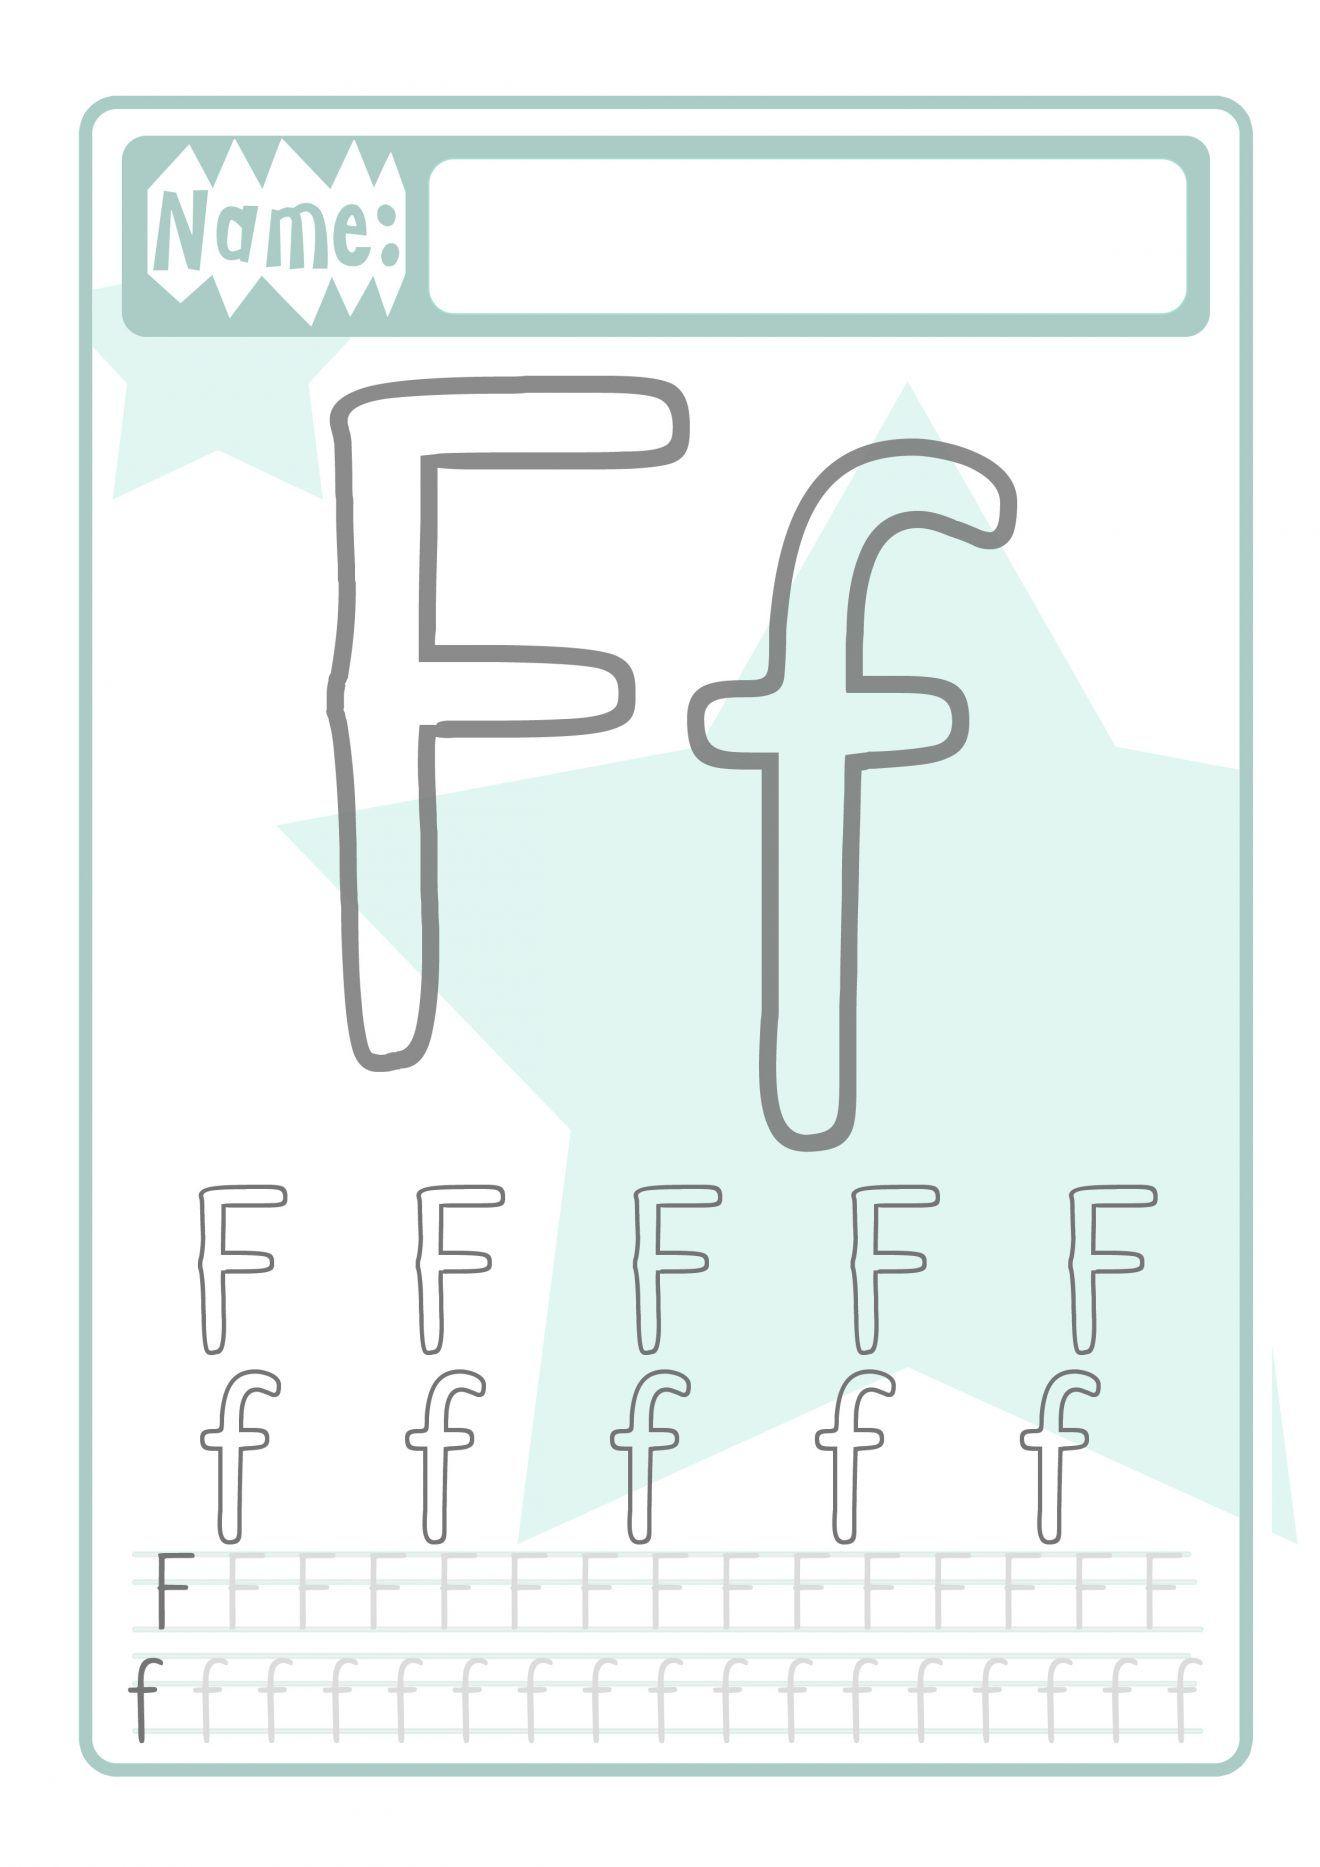 Buchstaben Druckvorlage für Kinder